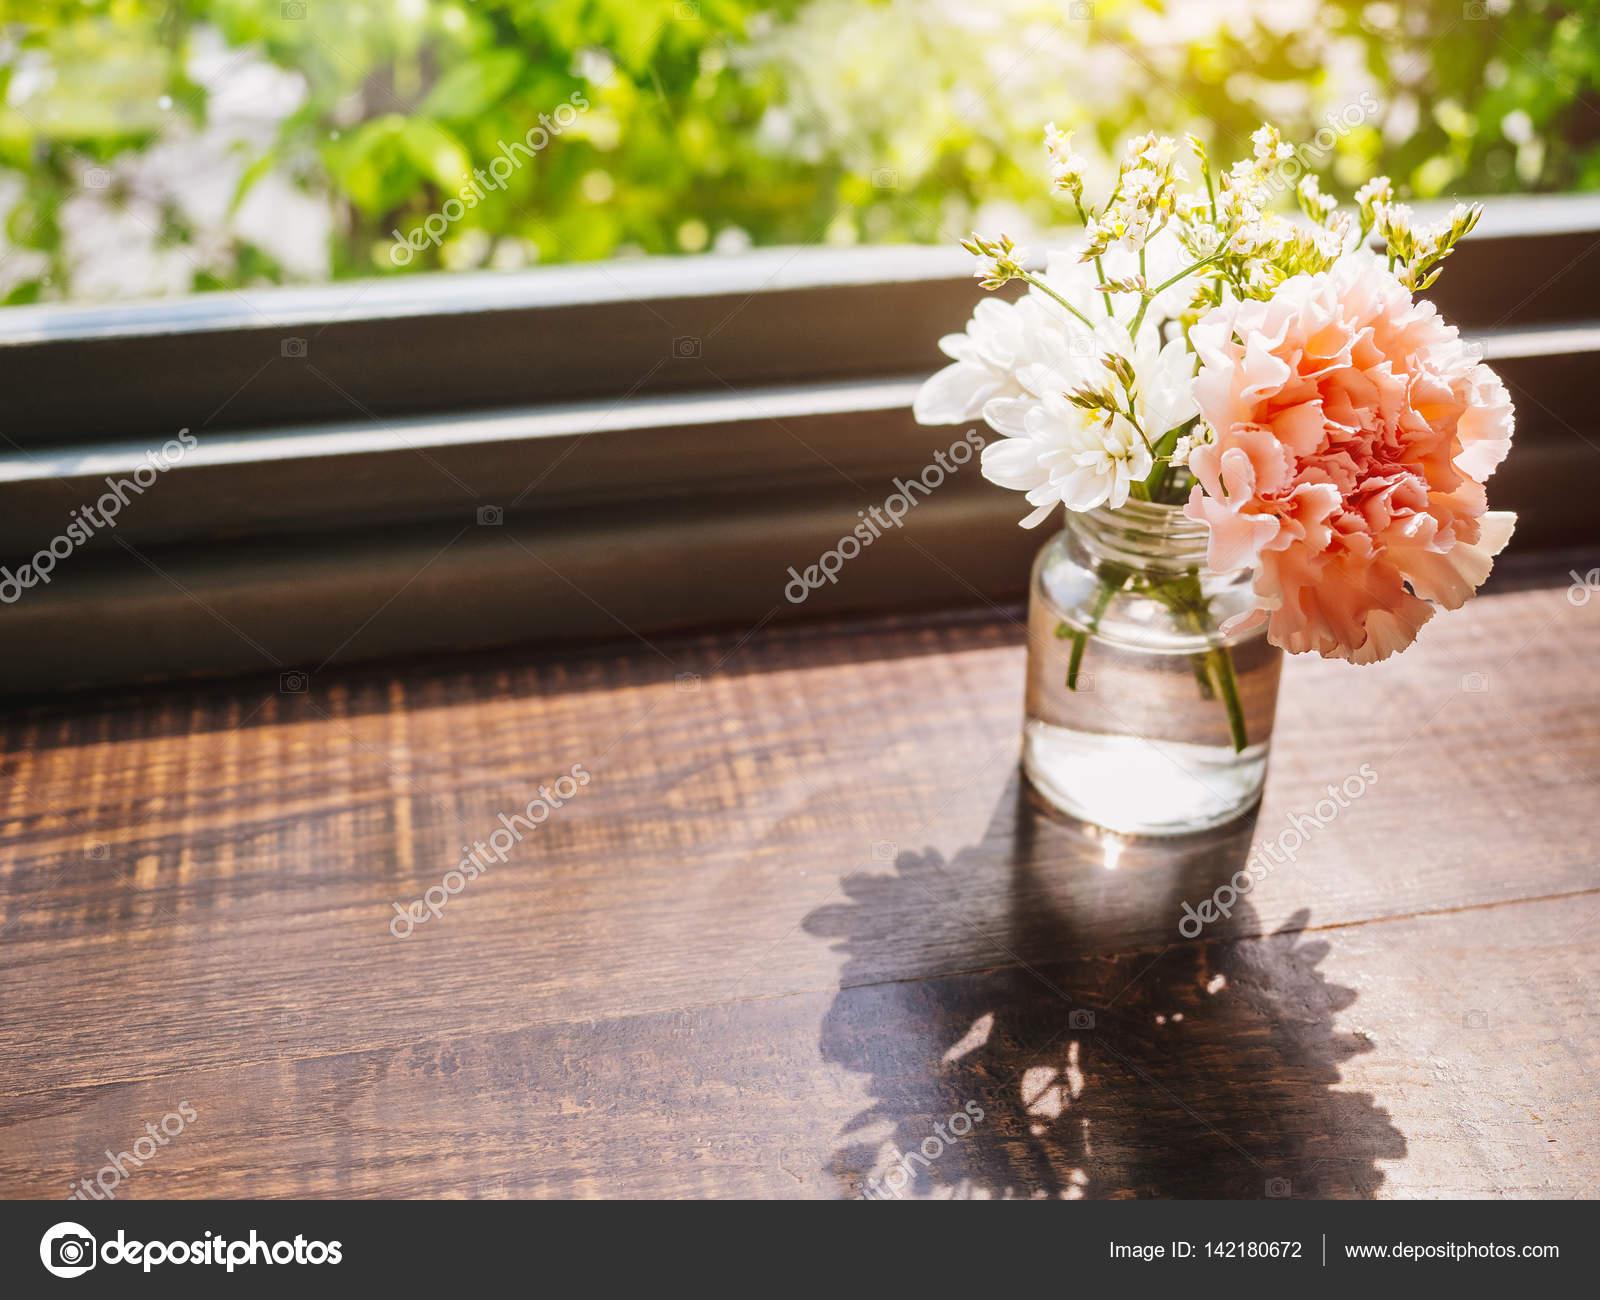 Blumen Nelken Dekoration Glas Auf Holztisch Stockfoto C Viteethumb